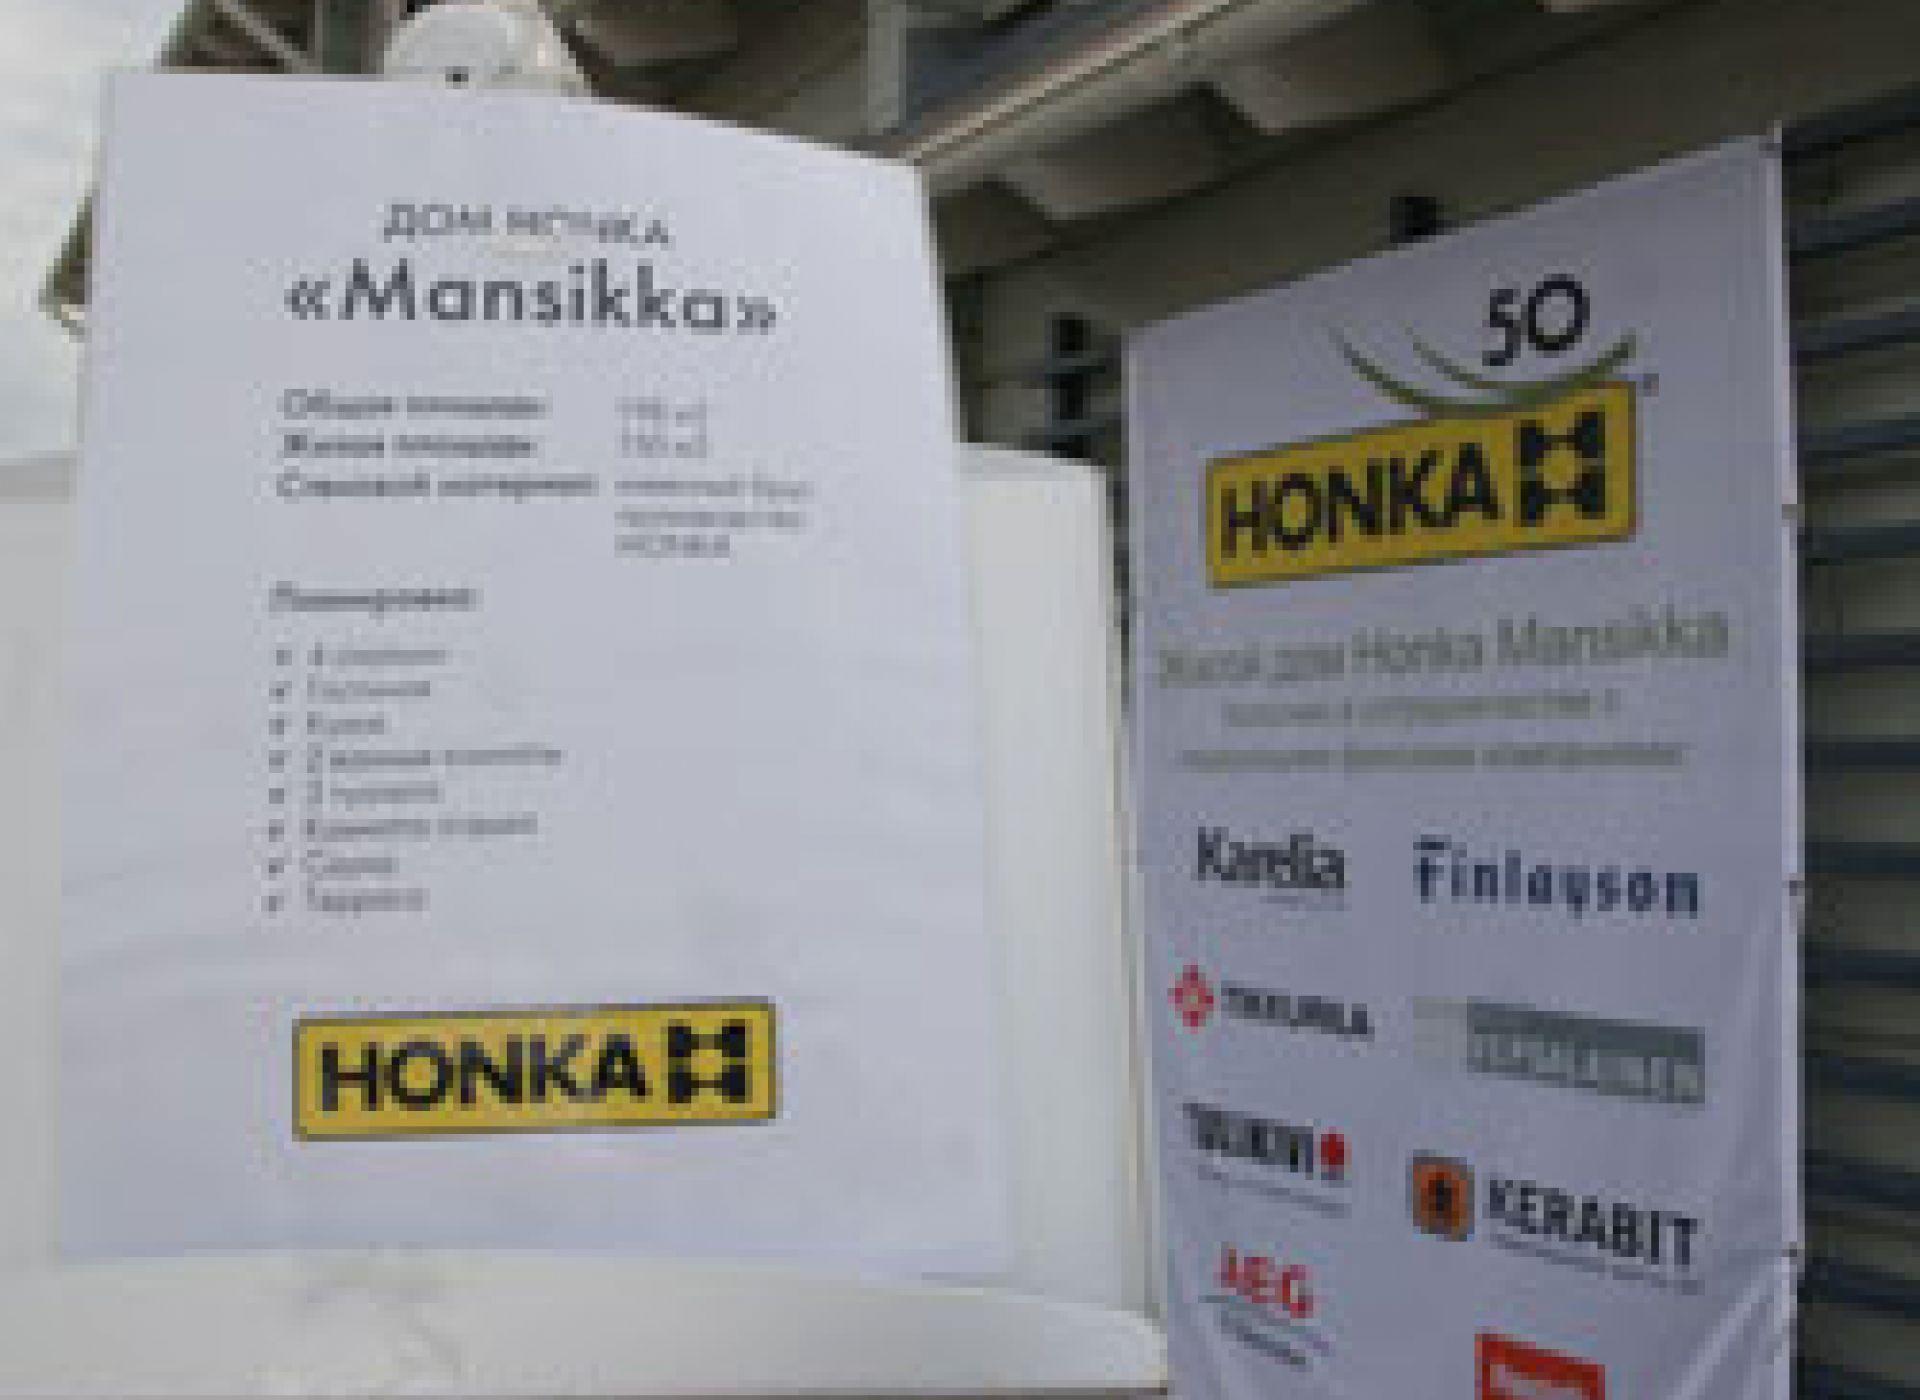 Компания HONKA примет участие в первой финской жилищной ярмарке, которая пройдет под Санкт-Петербургом в Кюмлено с 15 сентября по 9 ноября 2008 года.